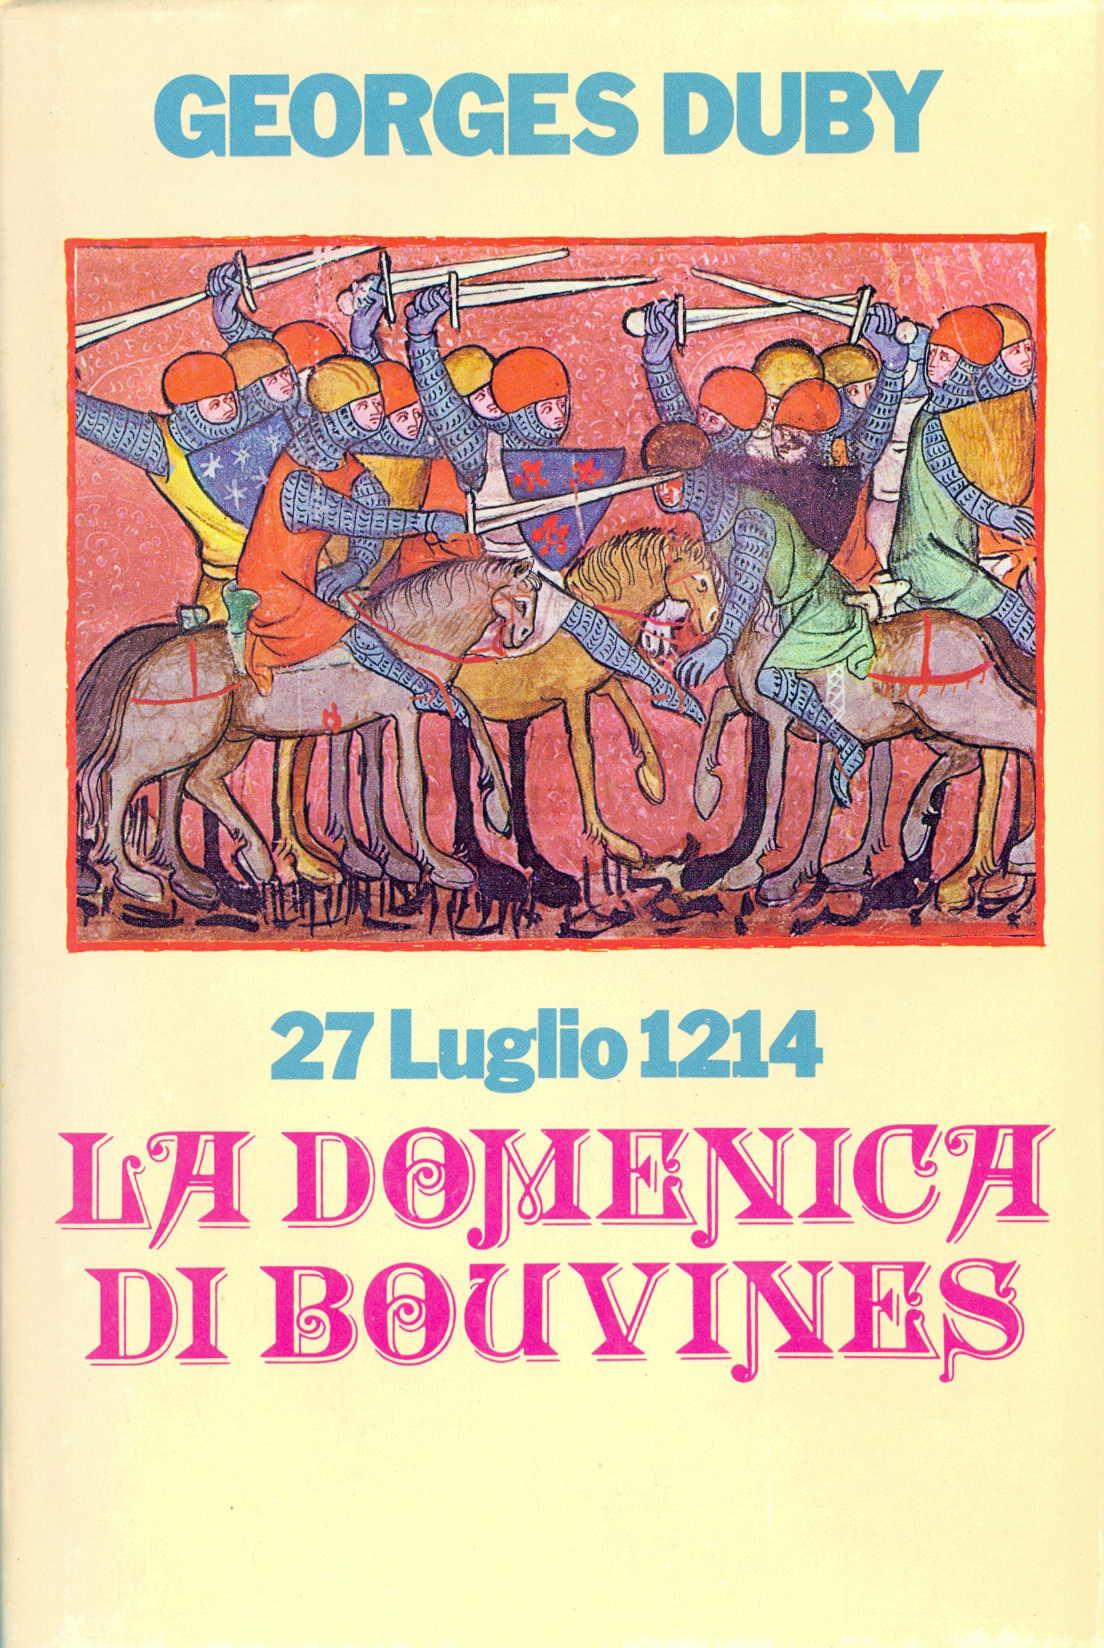 La domenica di Bouvines